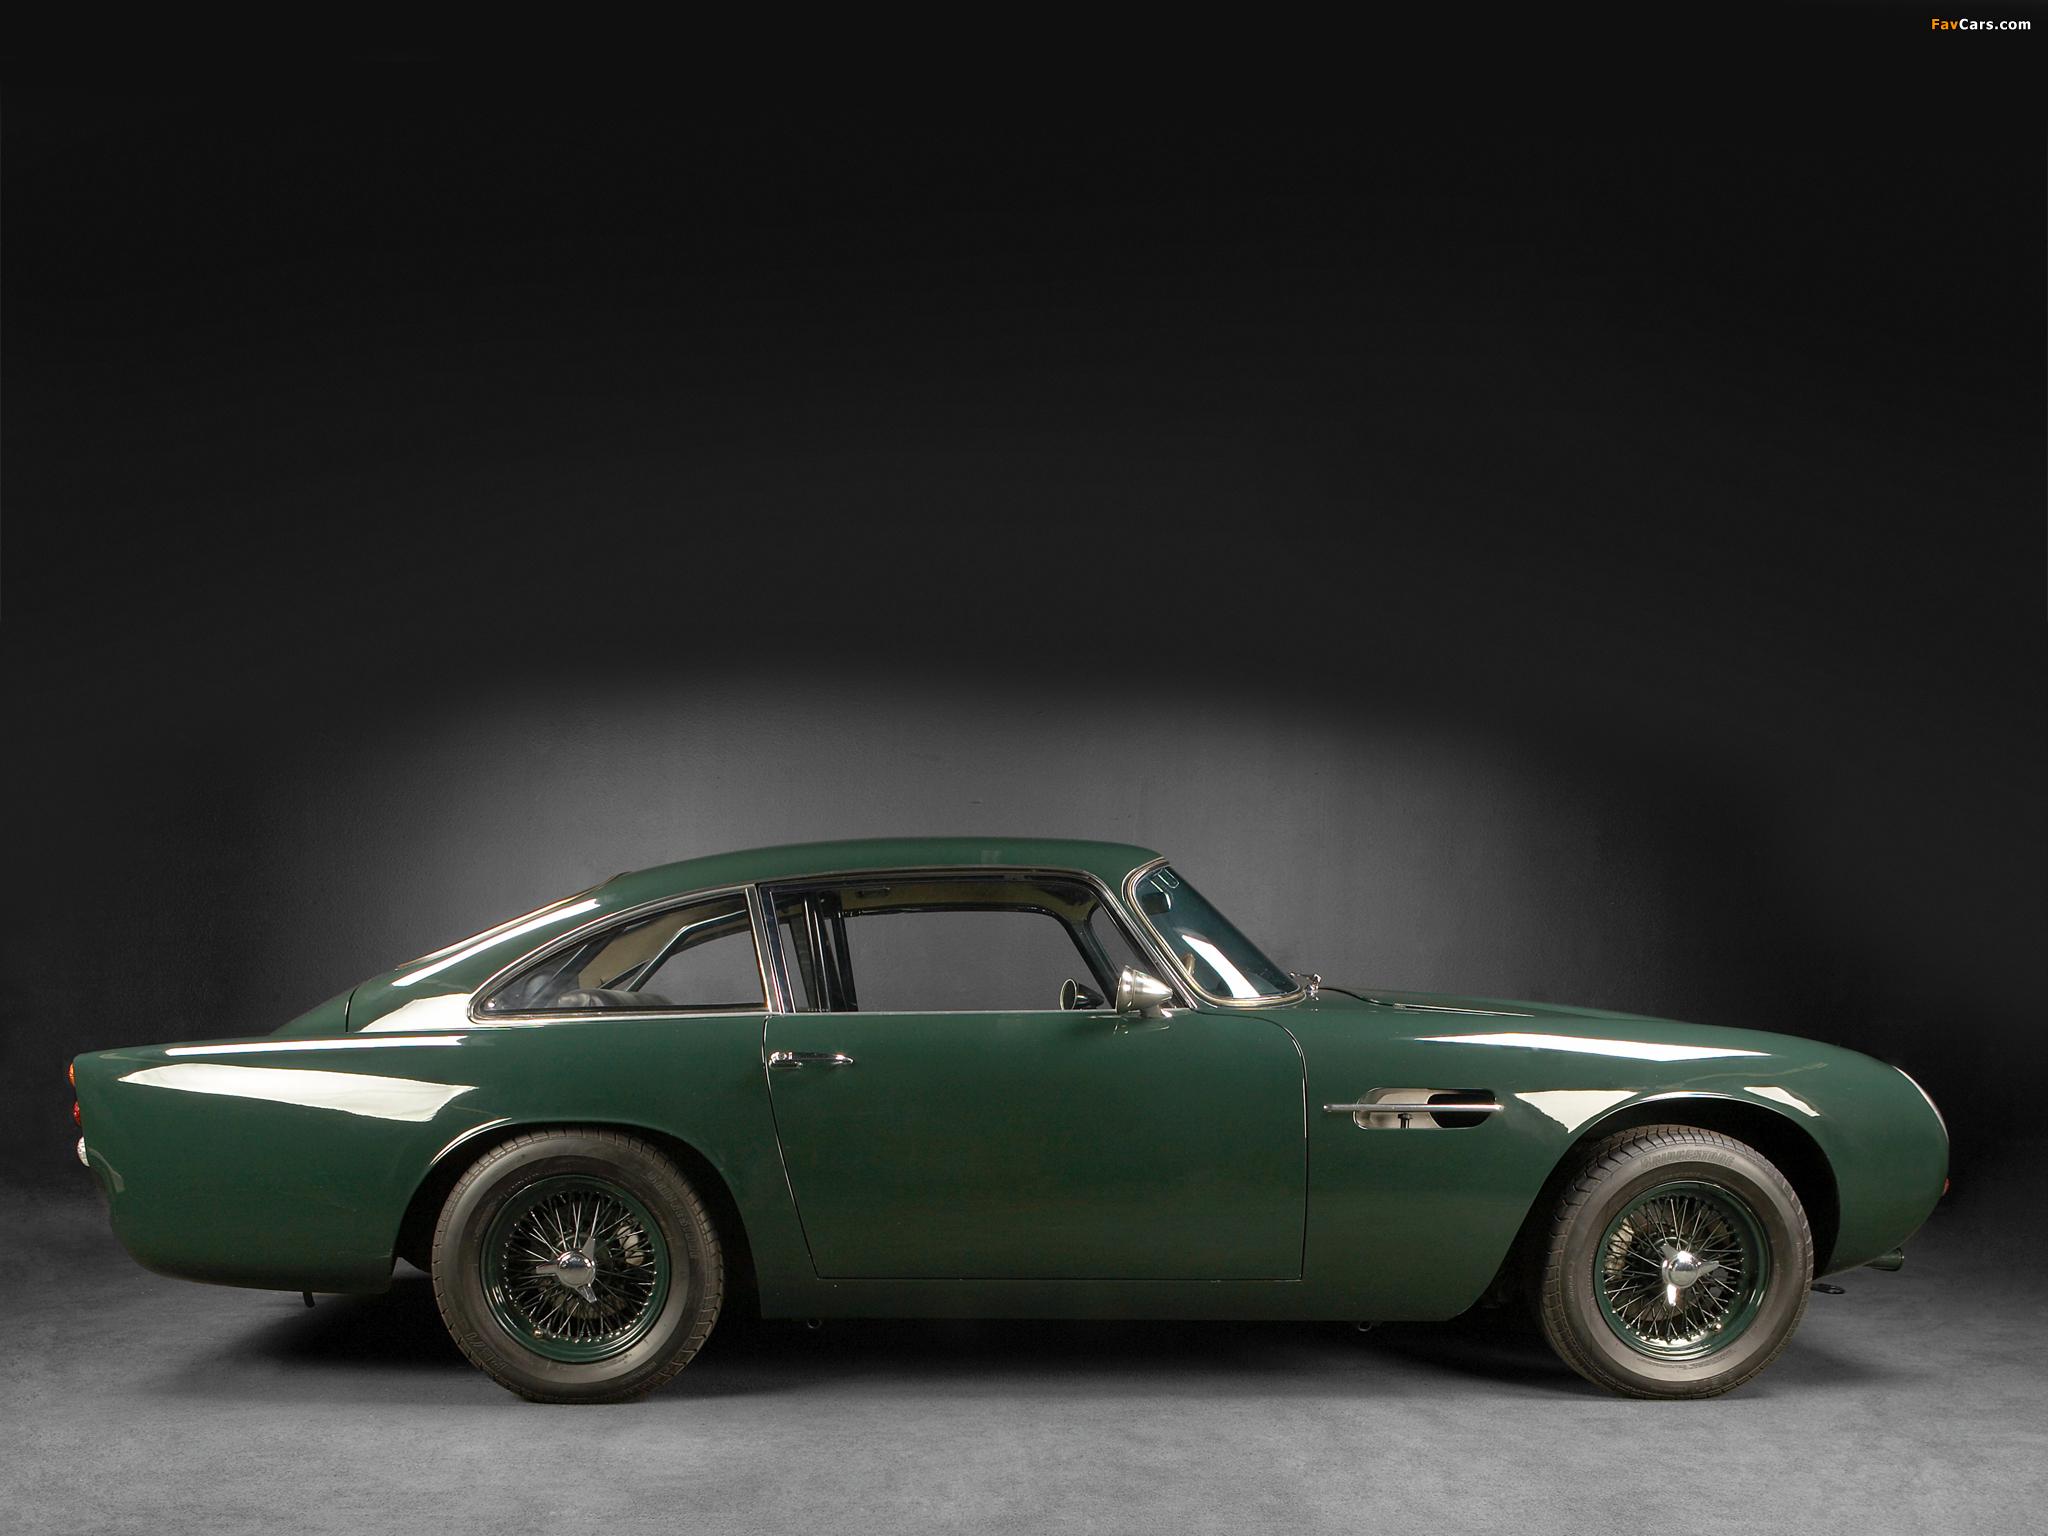 Images Of Aston Martin Db4 Vantage Gt V 1963